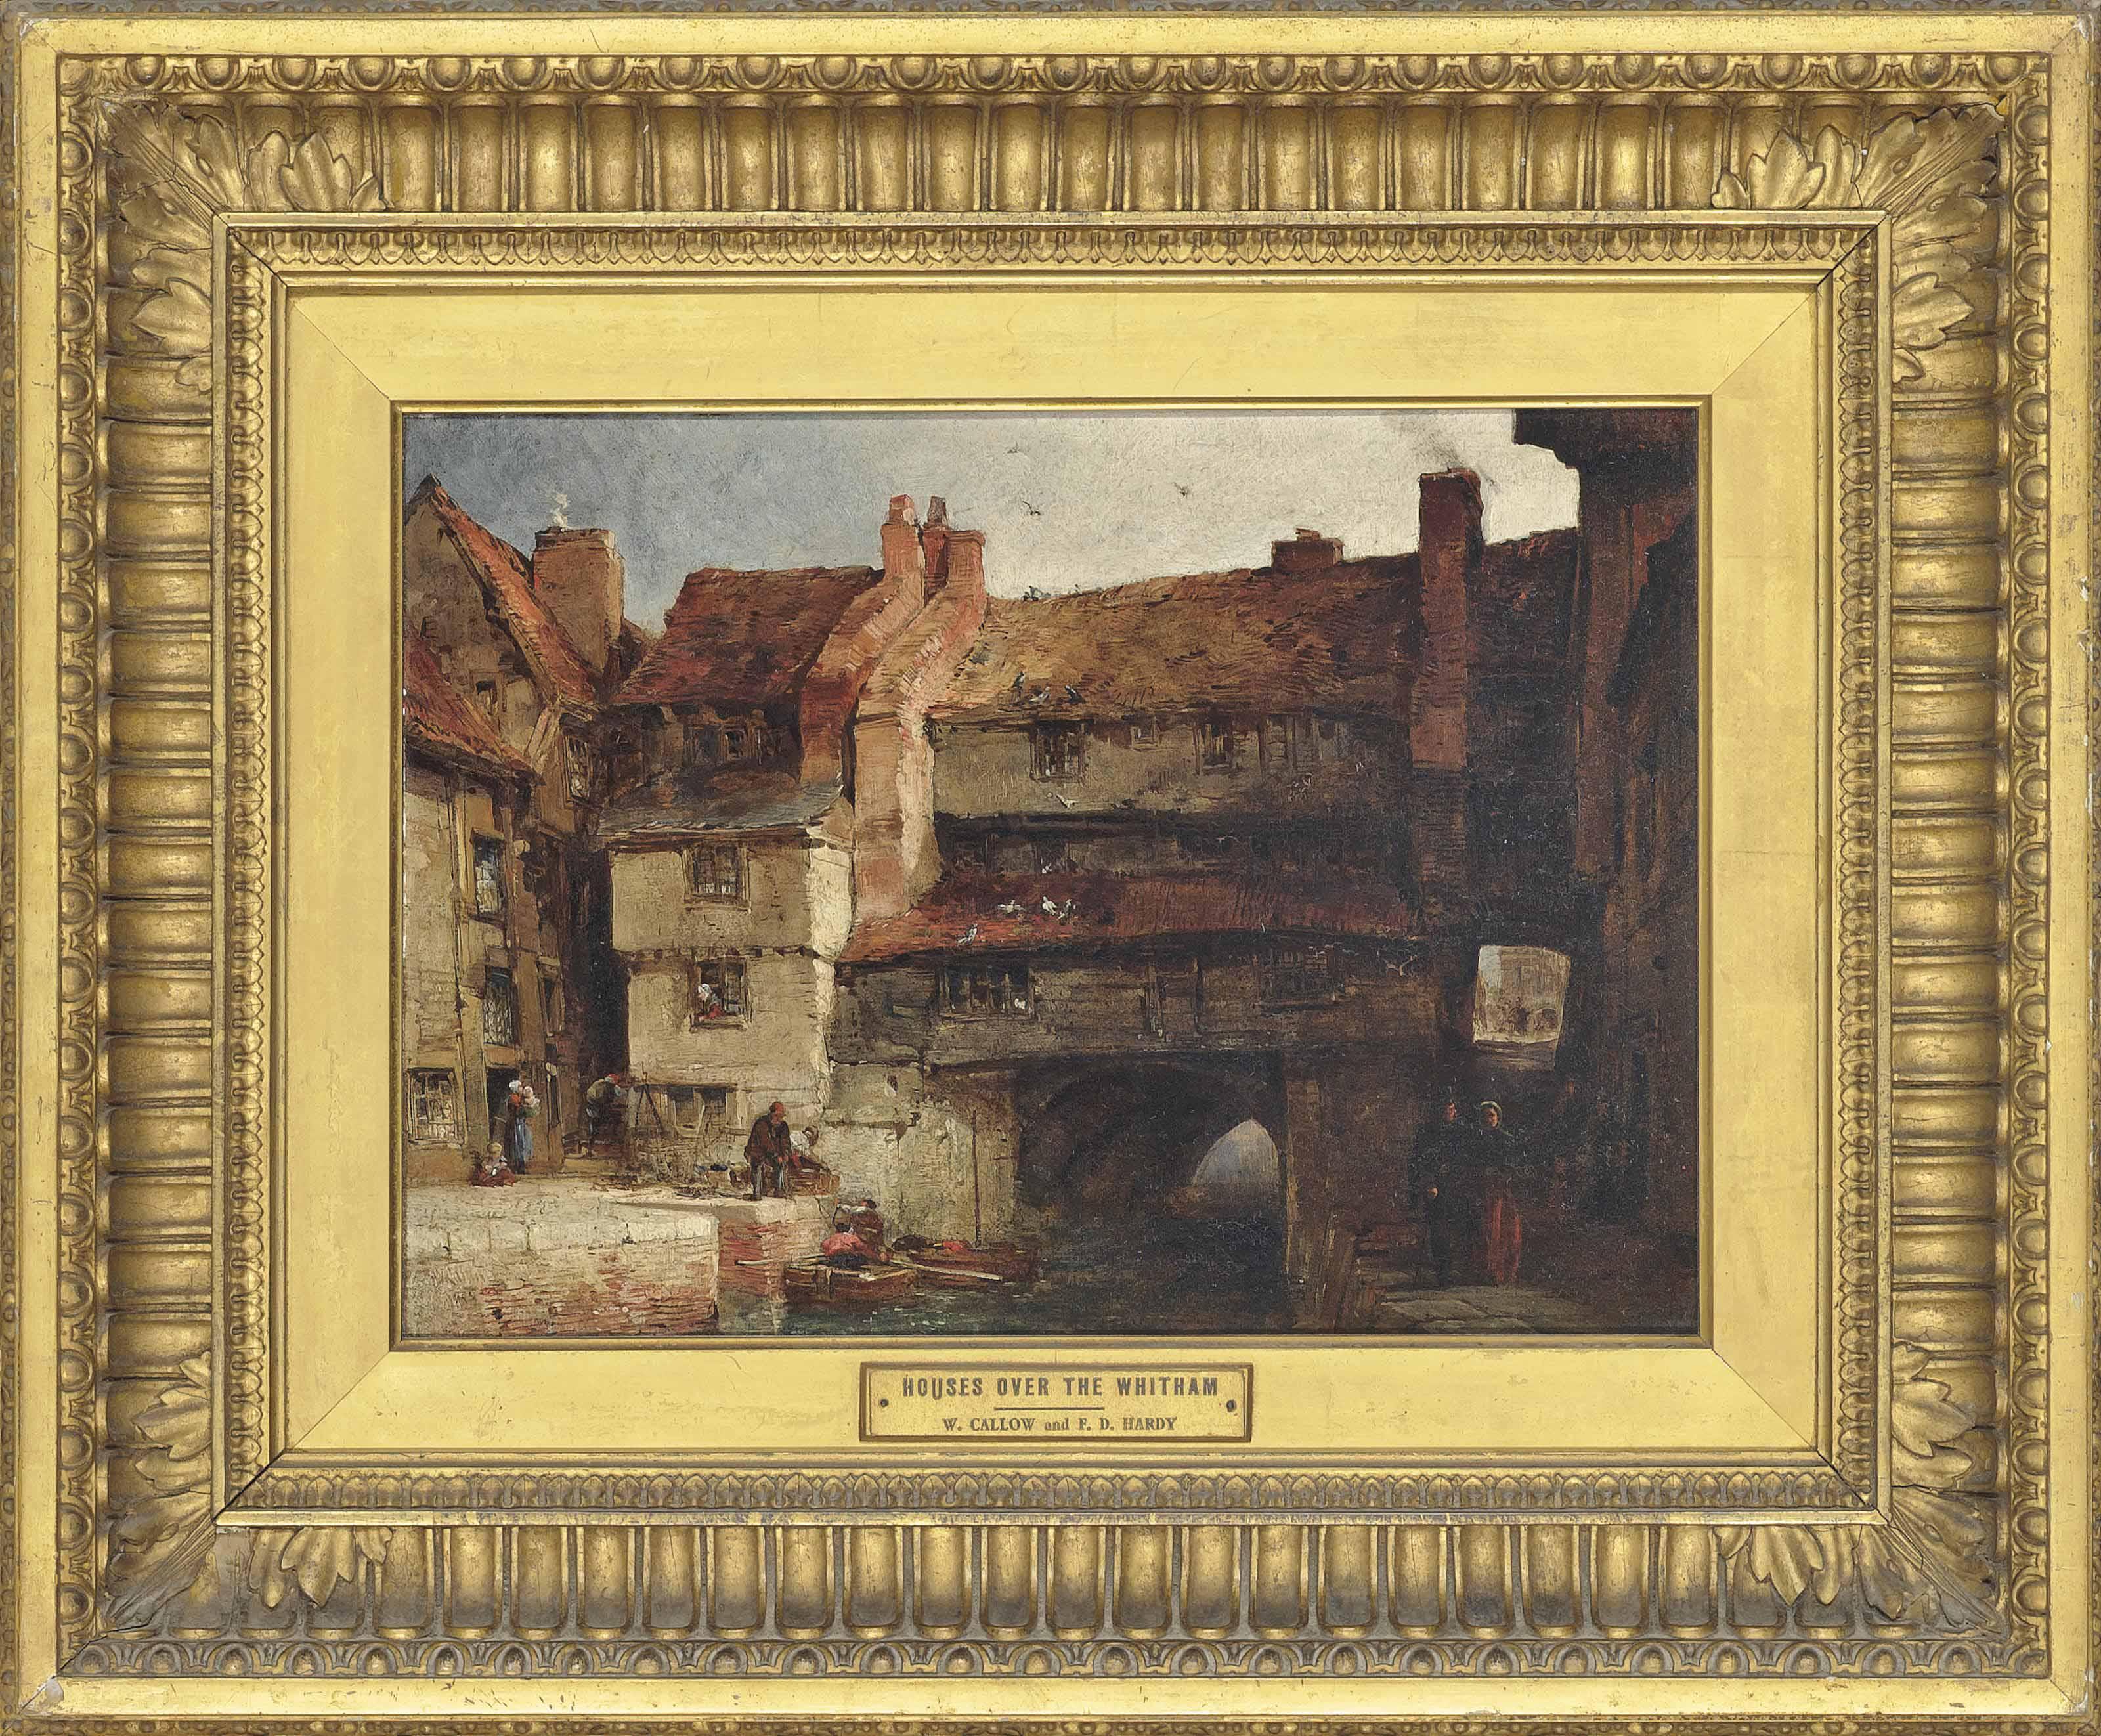 William Callow (1812-1908)